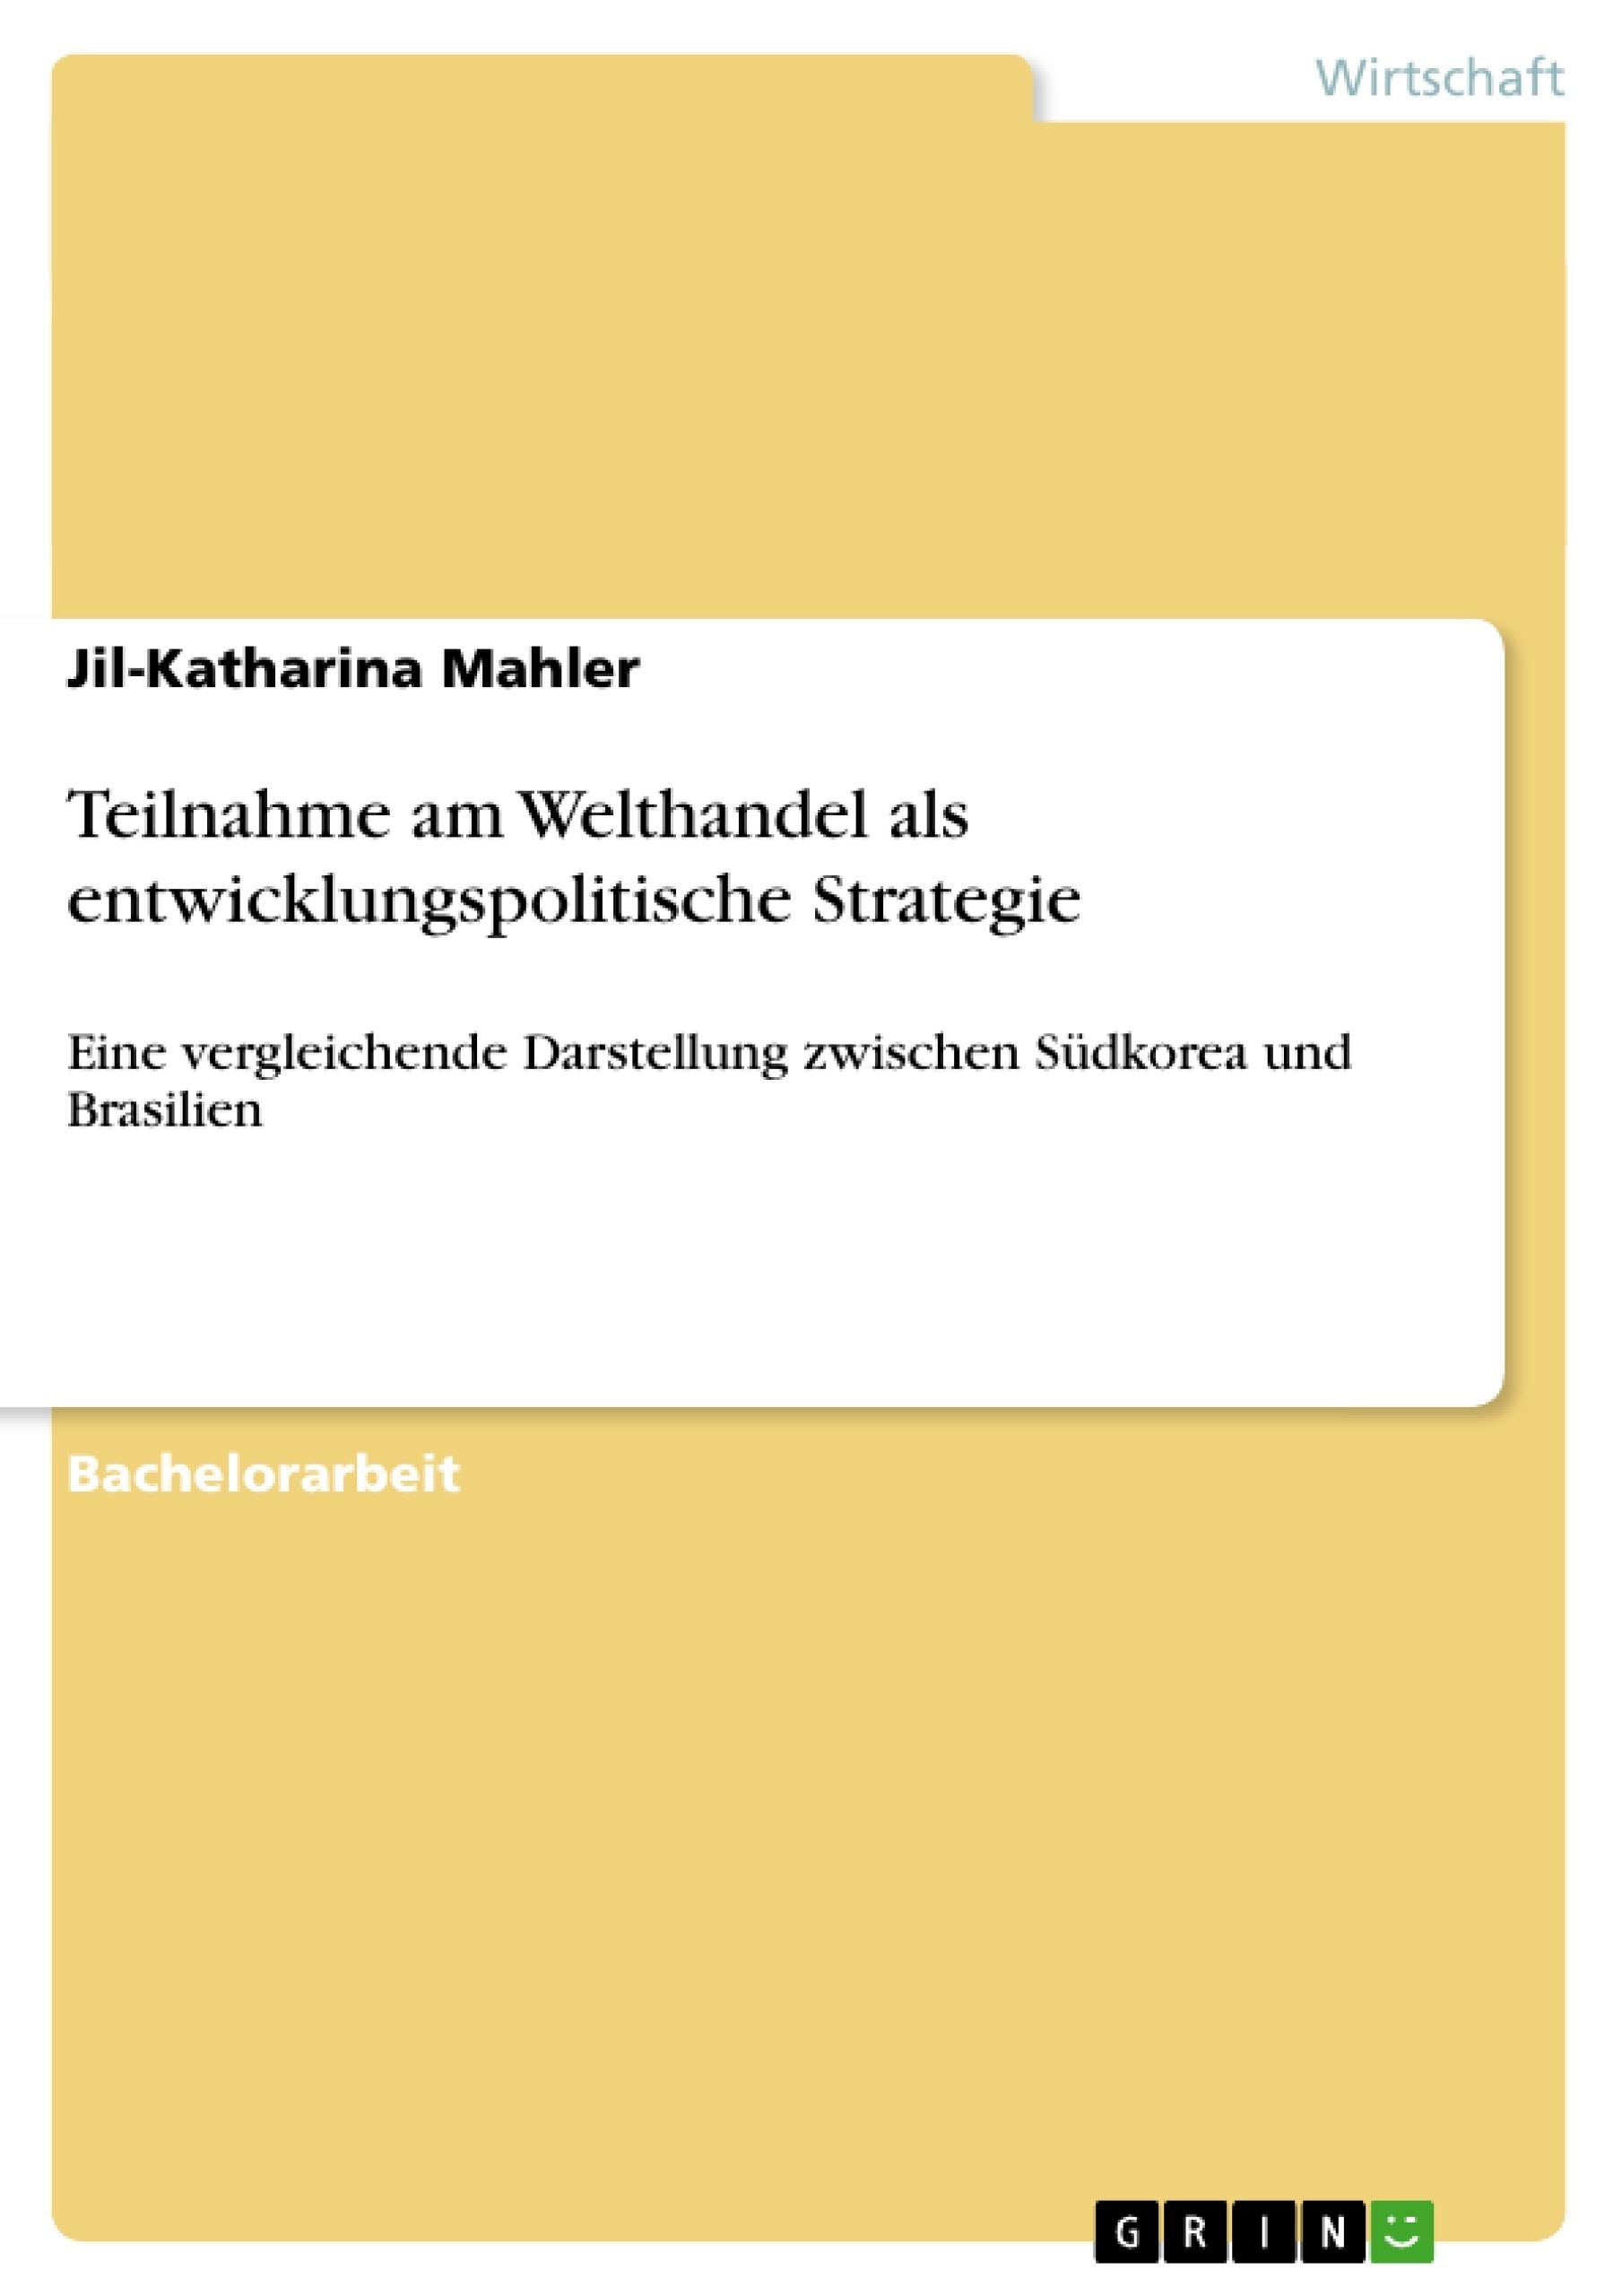 Titel: Teilnahme am Welthandel als entwicklungspolitische Strategie